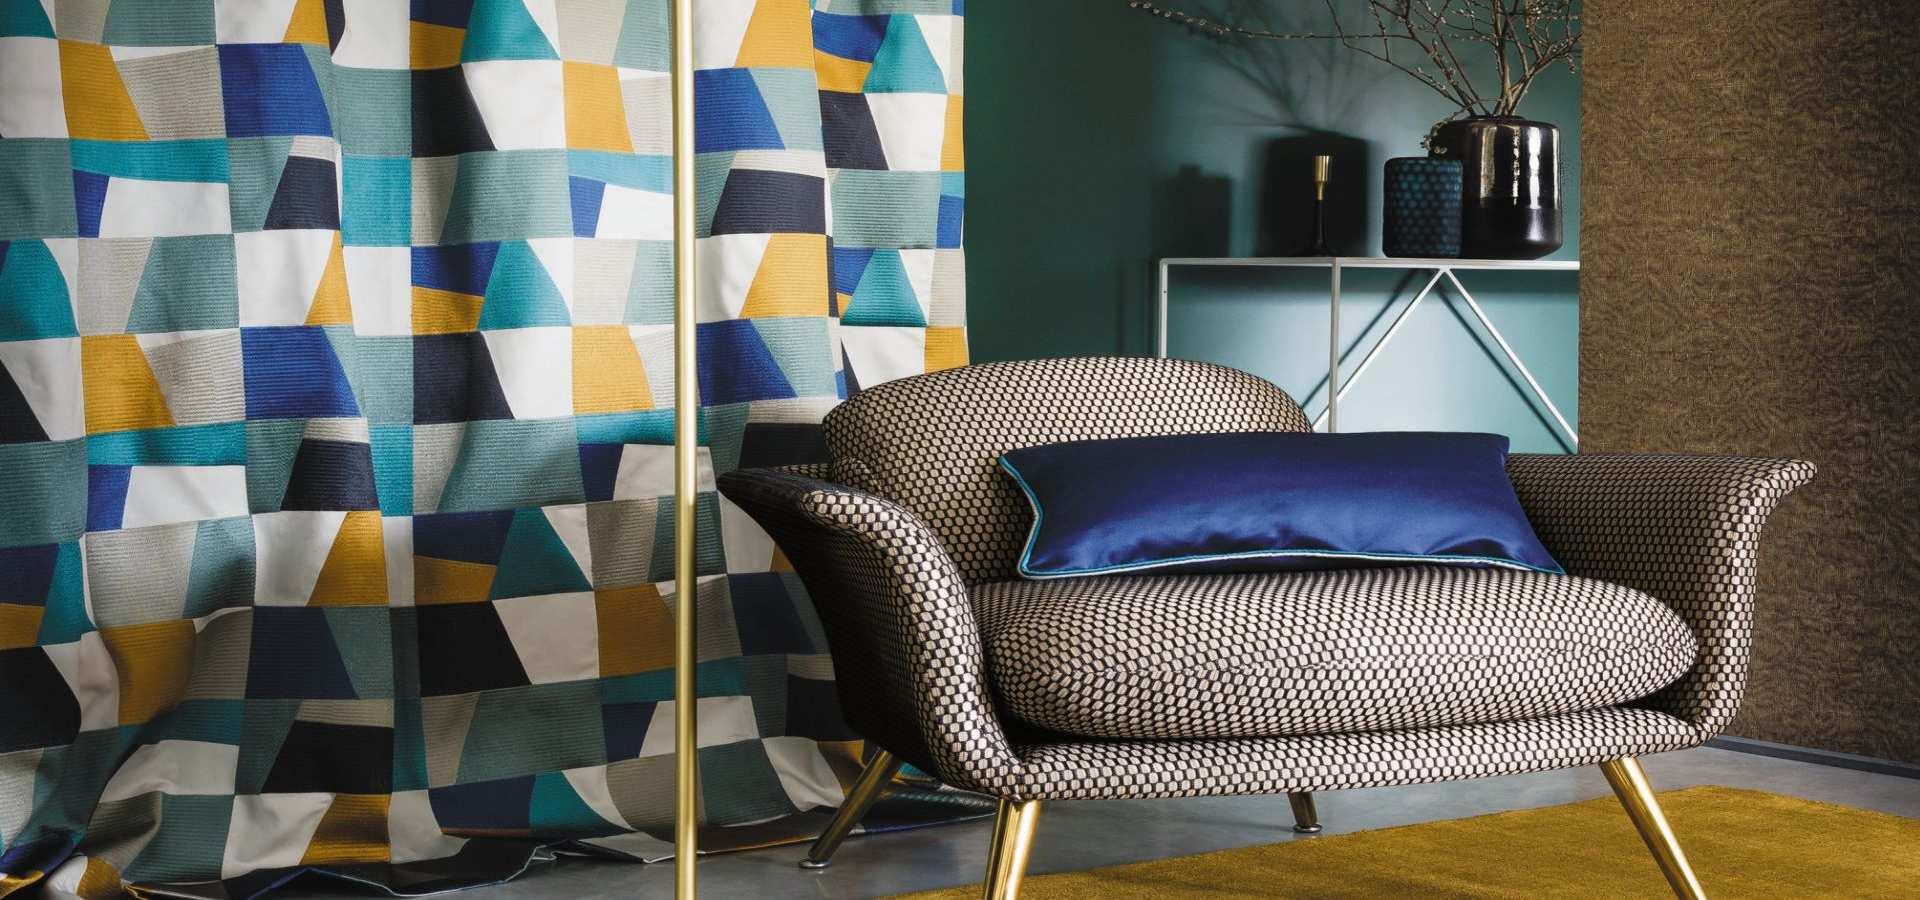 Bild Wohnzimmer modern Gardine mit buntem Stoff